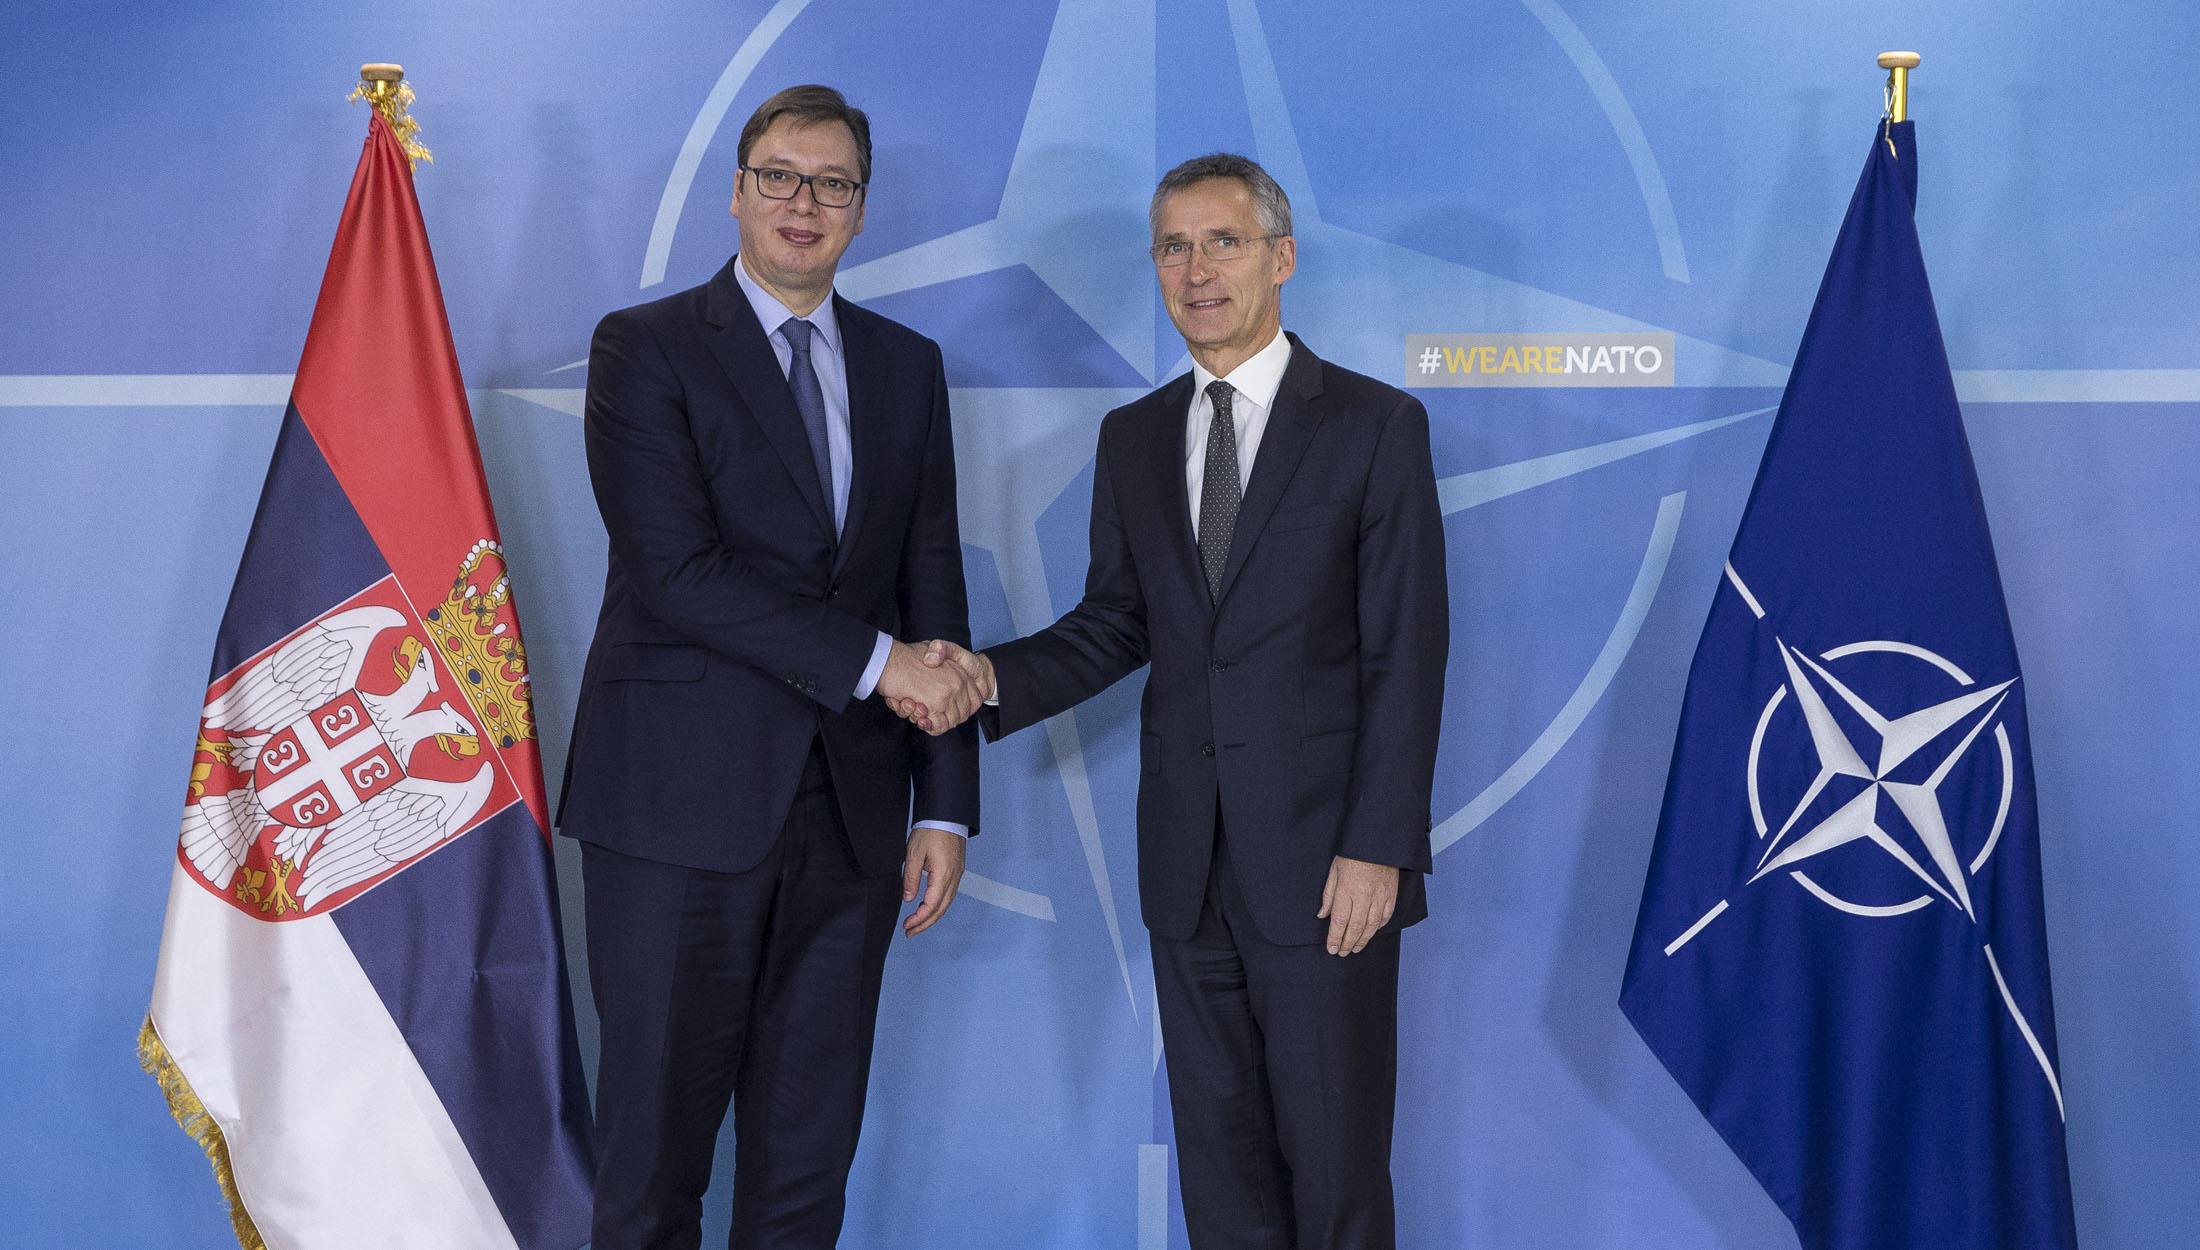 PREKO 100 PROJEKATA GODIŠNJE: Srbija će obučavati iračke i afganistanske vojne snage u okviru saradnje sa NATO-om